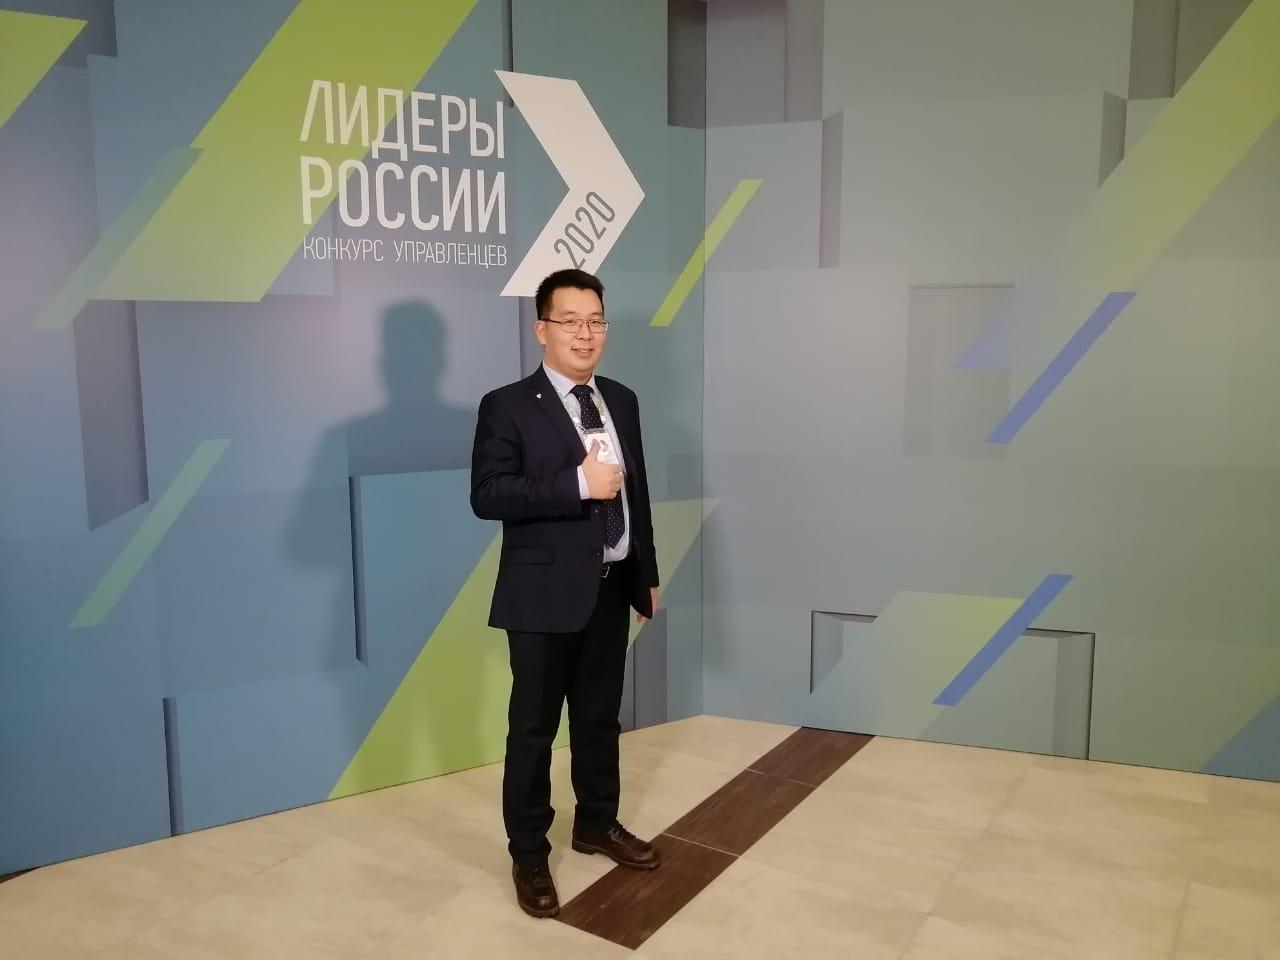 """Айар Кириллов: """"Лидер России"""" должен оставаться человеком"""